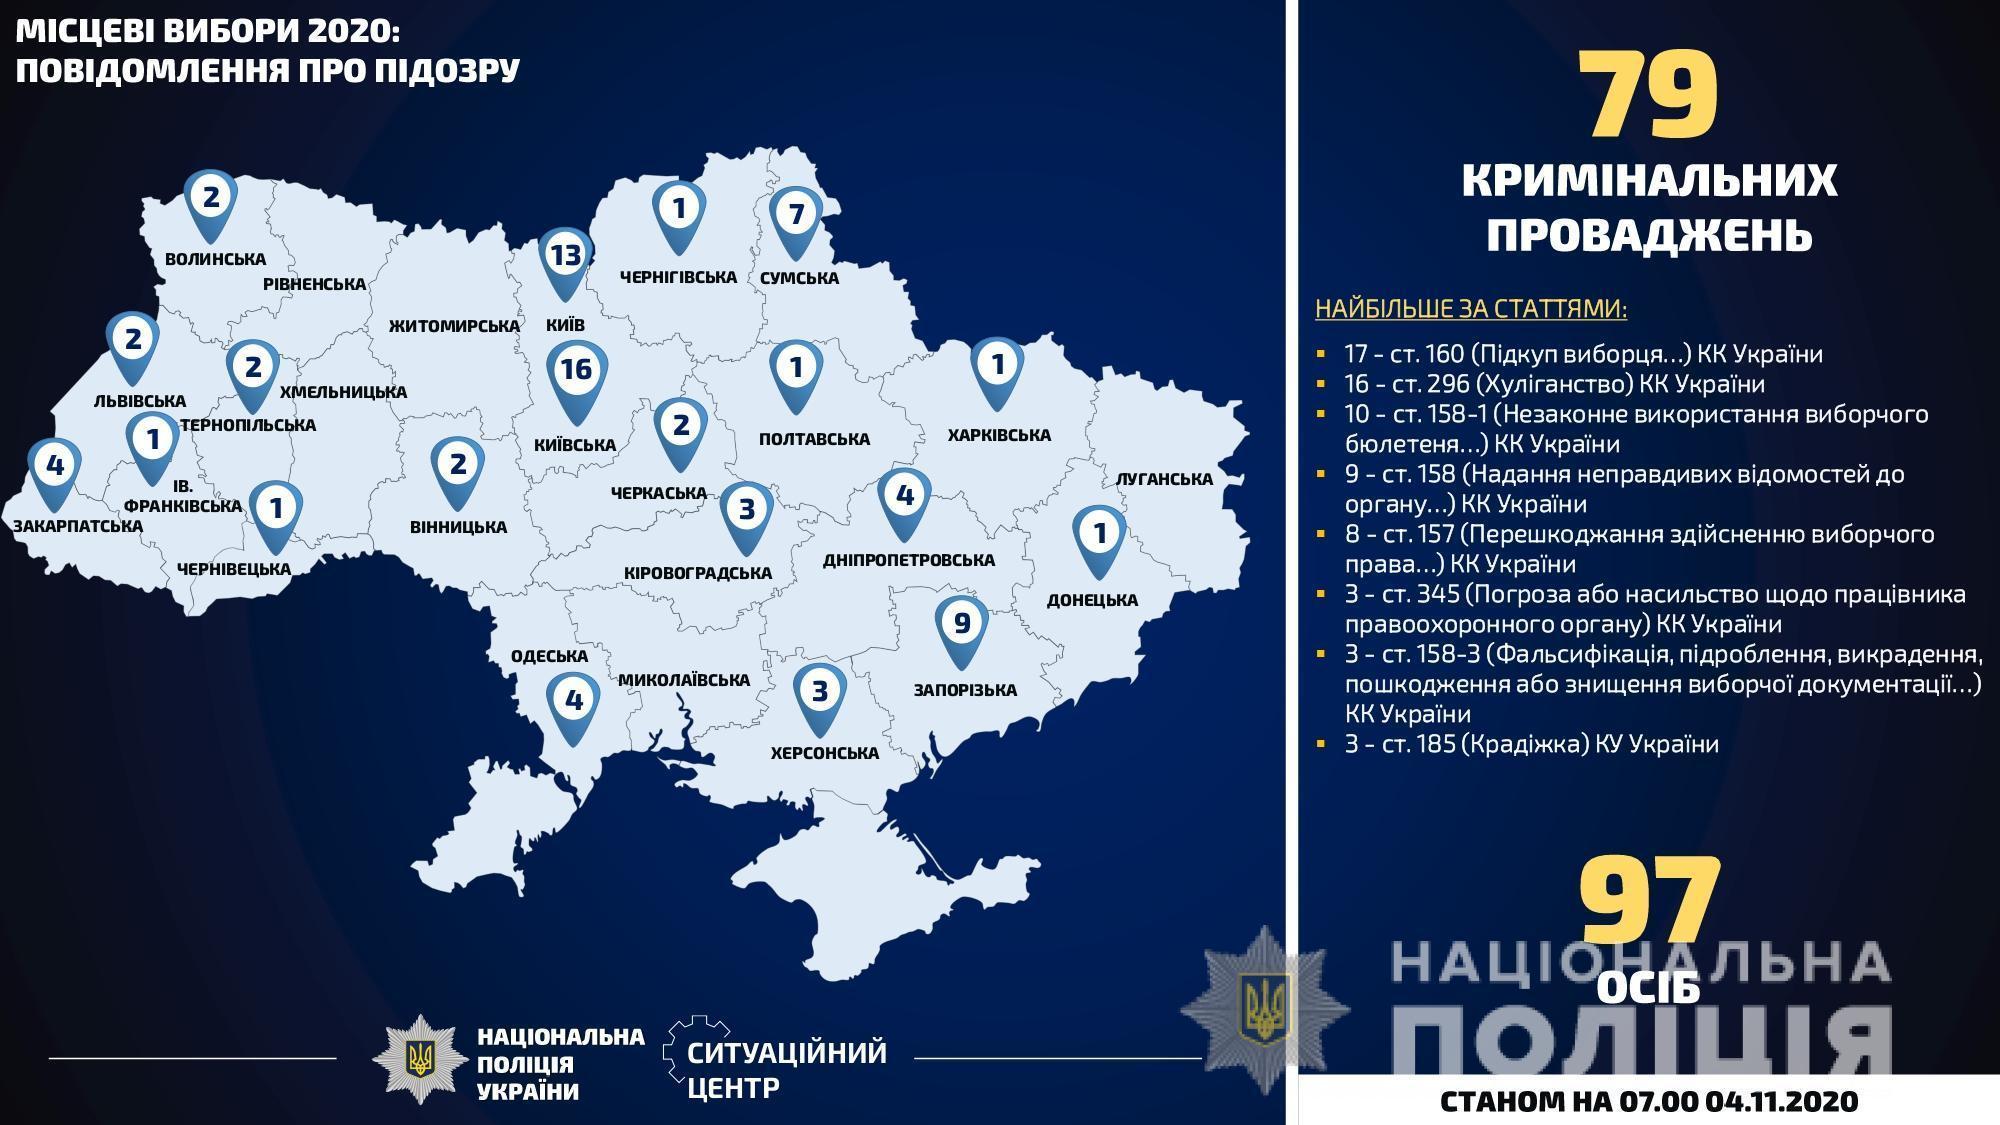 """В Україні відкрили понад тисячу """"виборчих"""" кримінальних справ. Десяту частину порушень скоїли на Донеччині"""